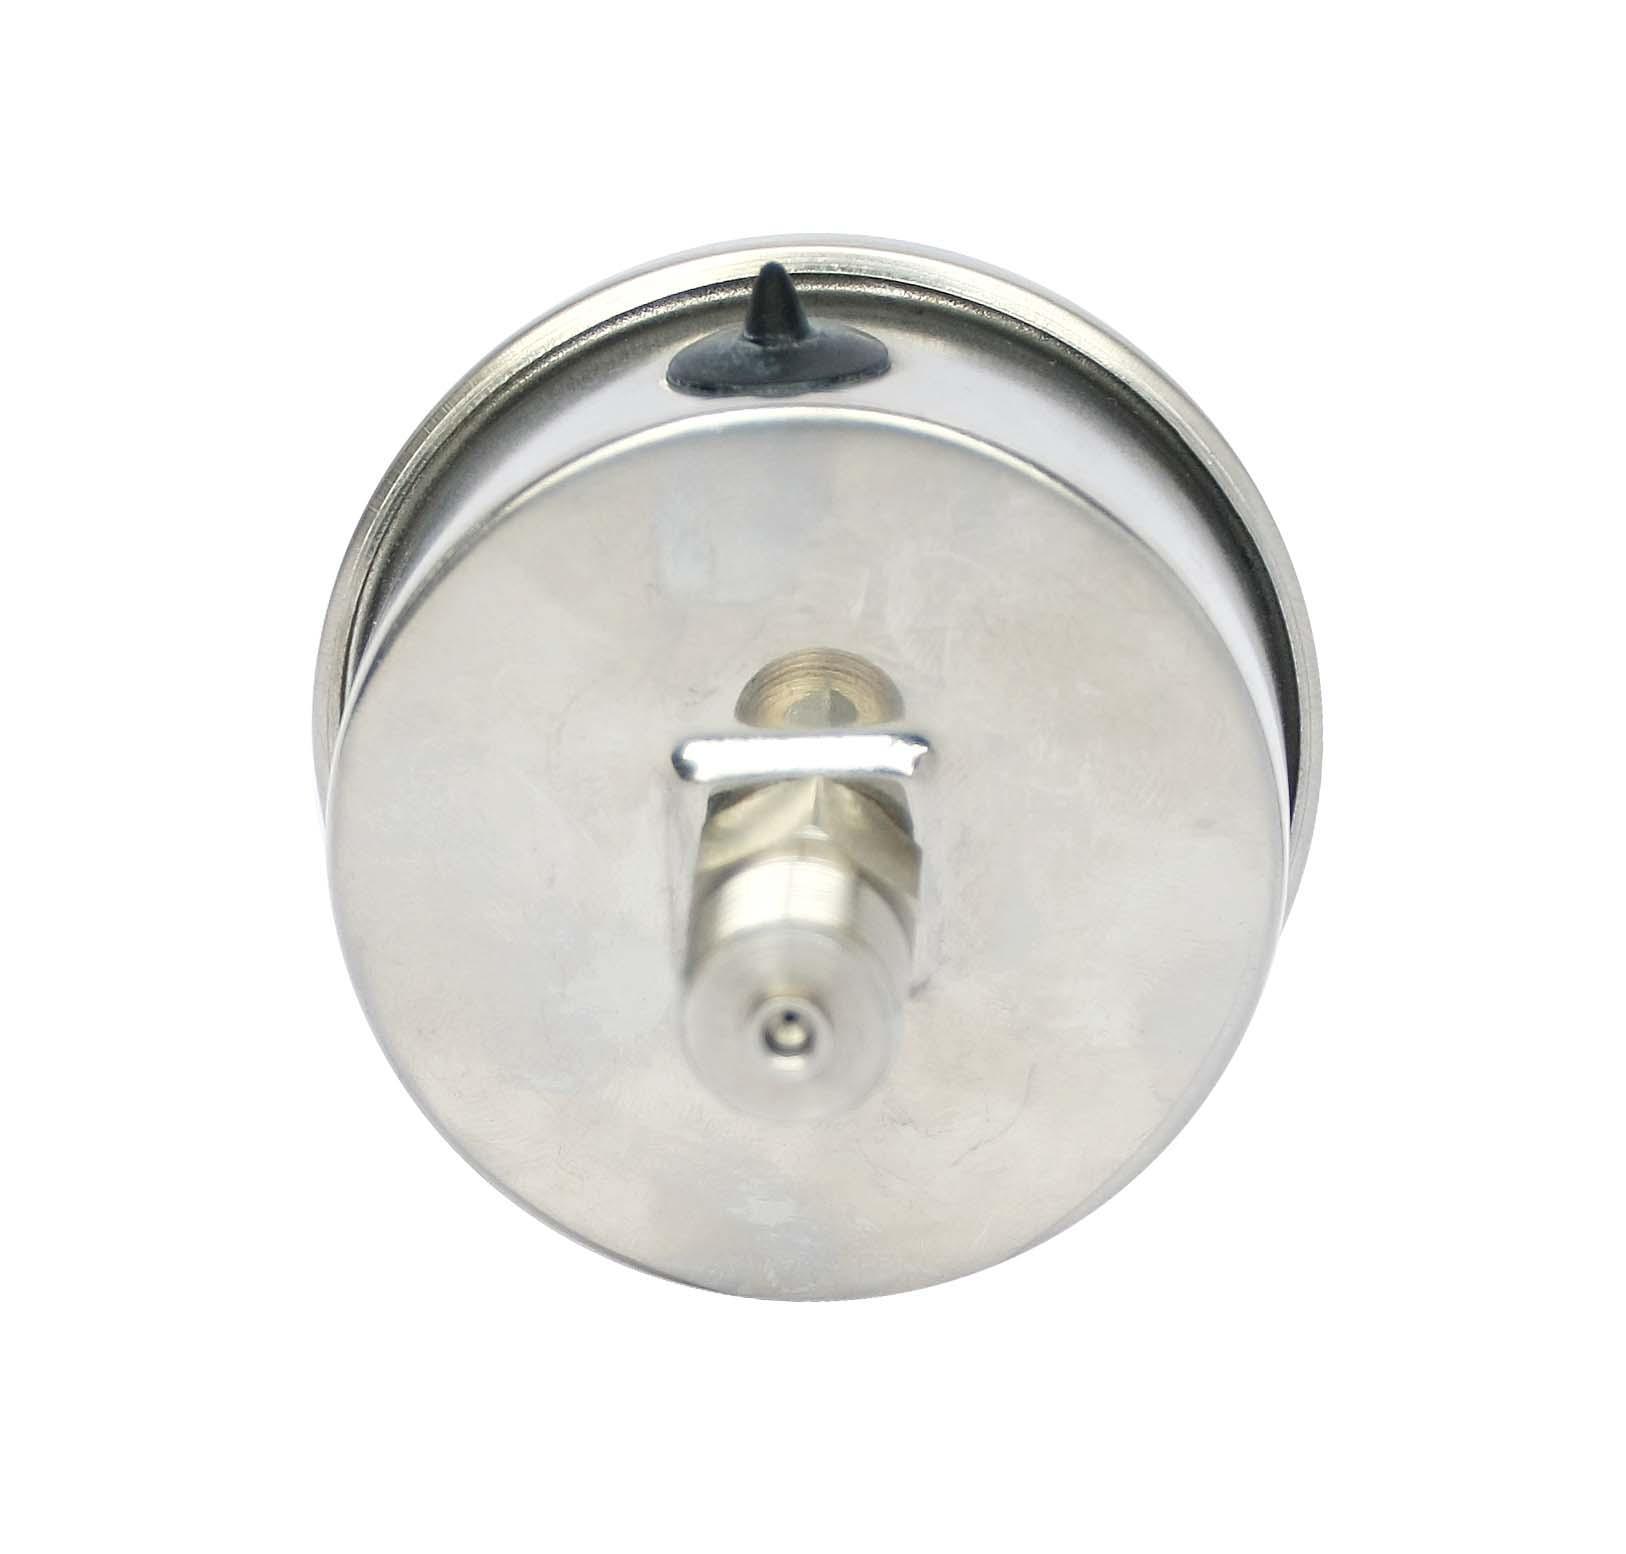 不锈钢压力表 不锈钢真空压力表 不锈钢弹簧管压力表 10